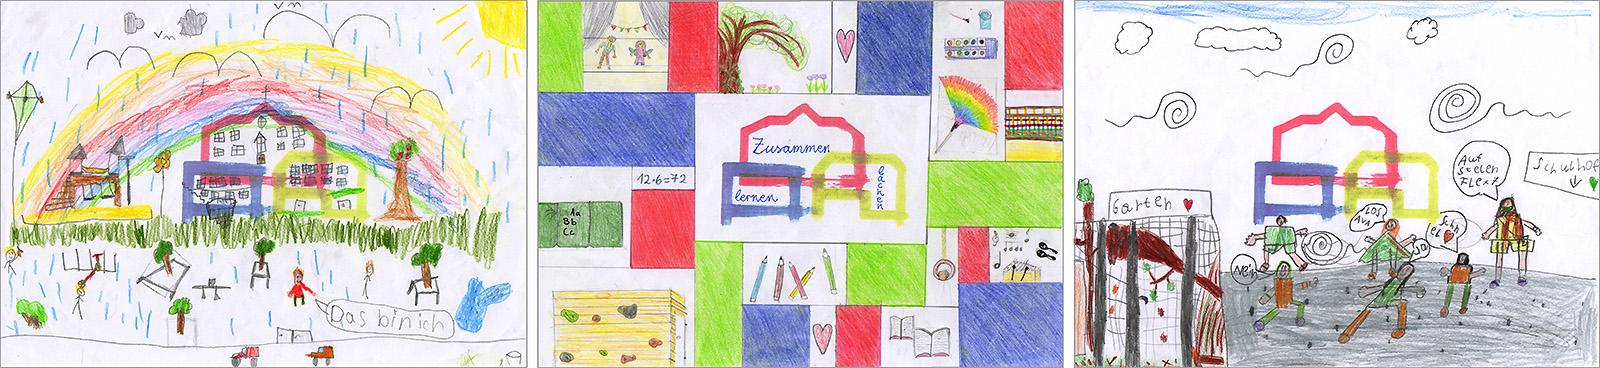 Zeichnungen der Schüler Kerschensteiner Schule Hausen